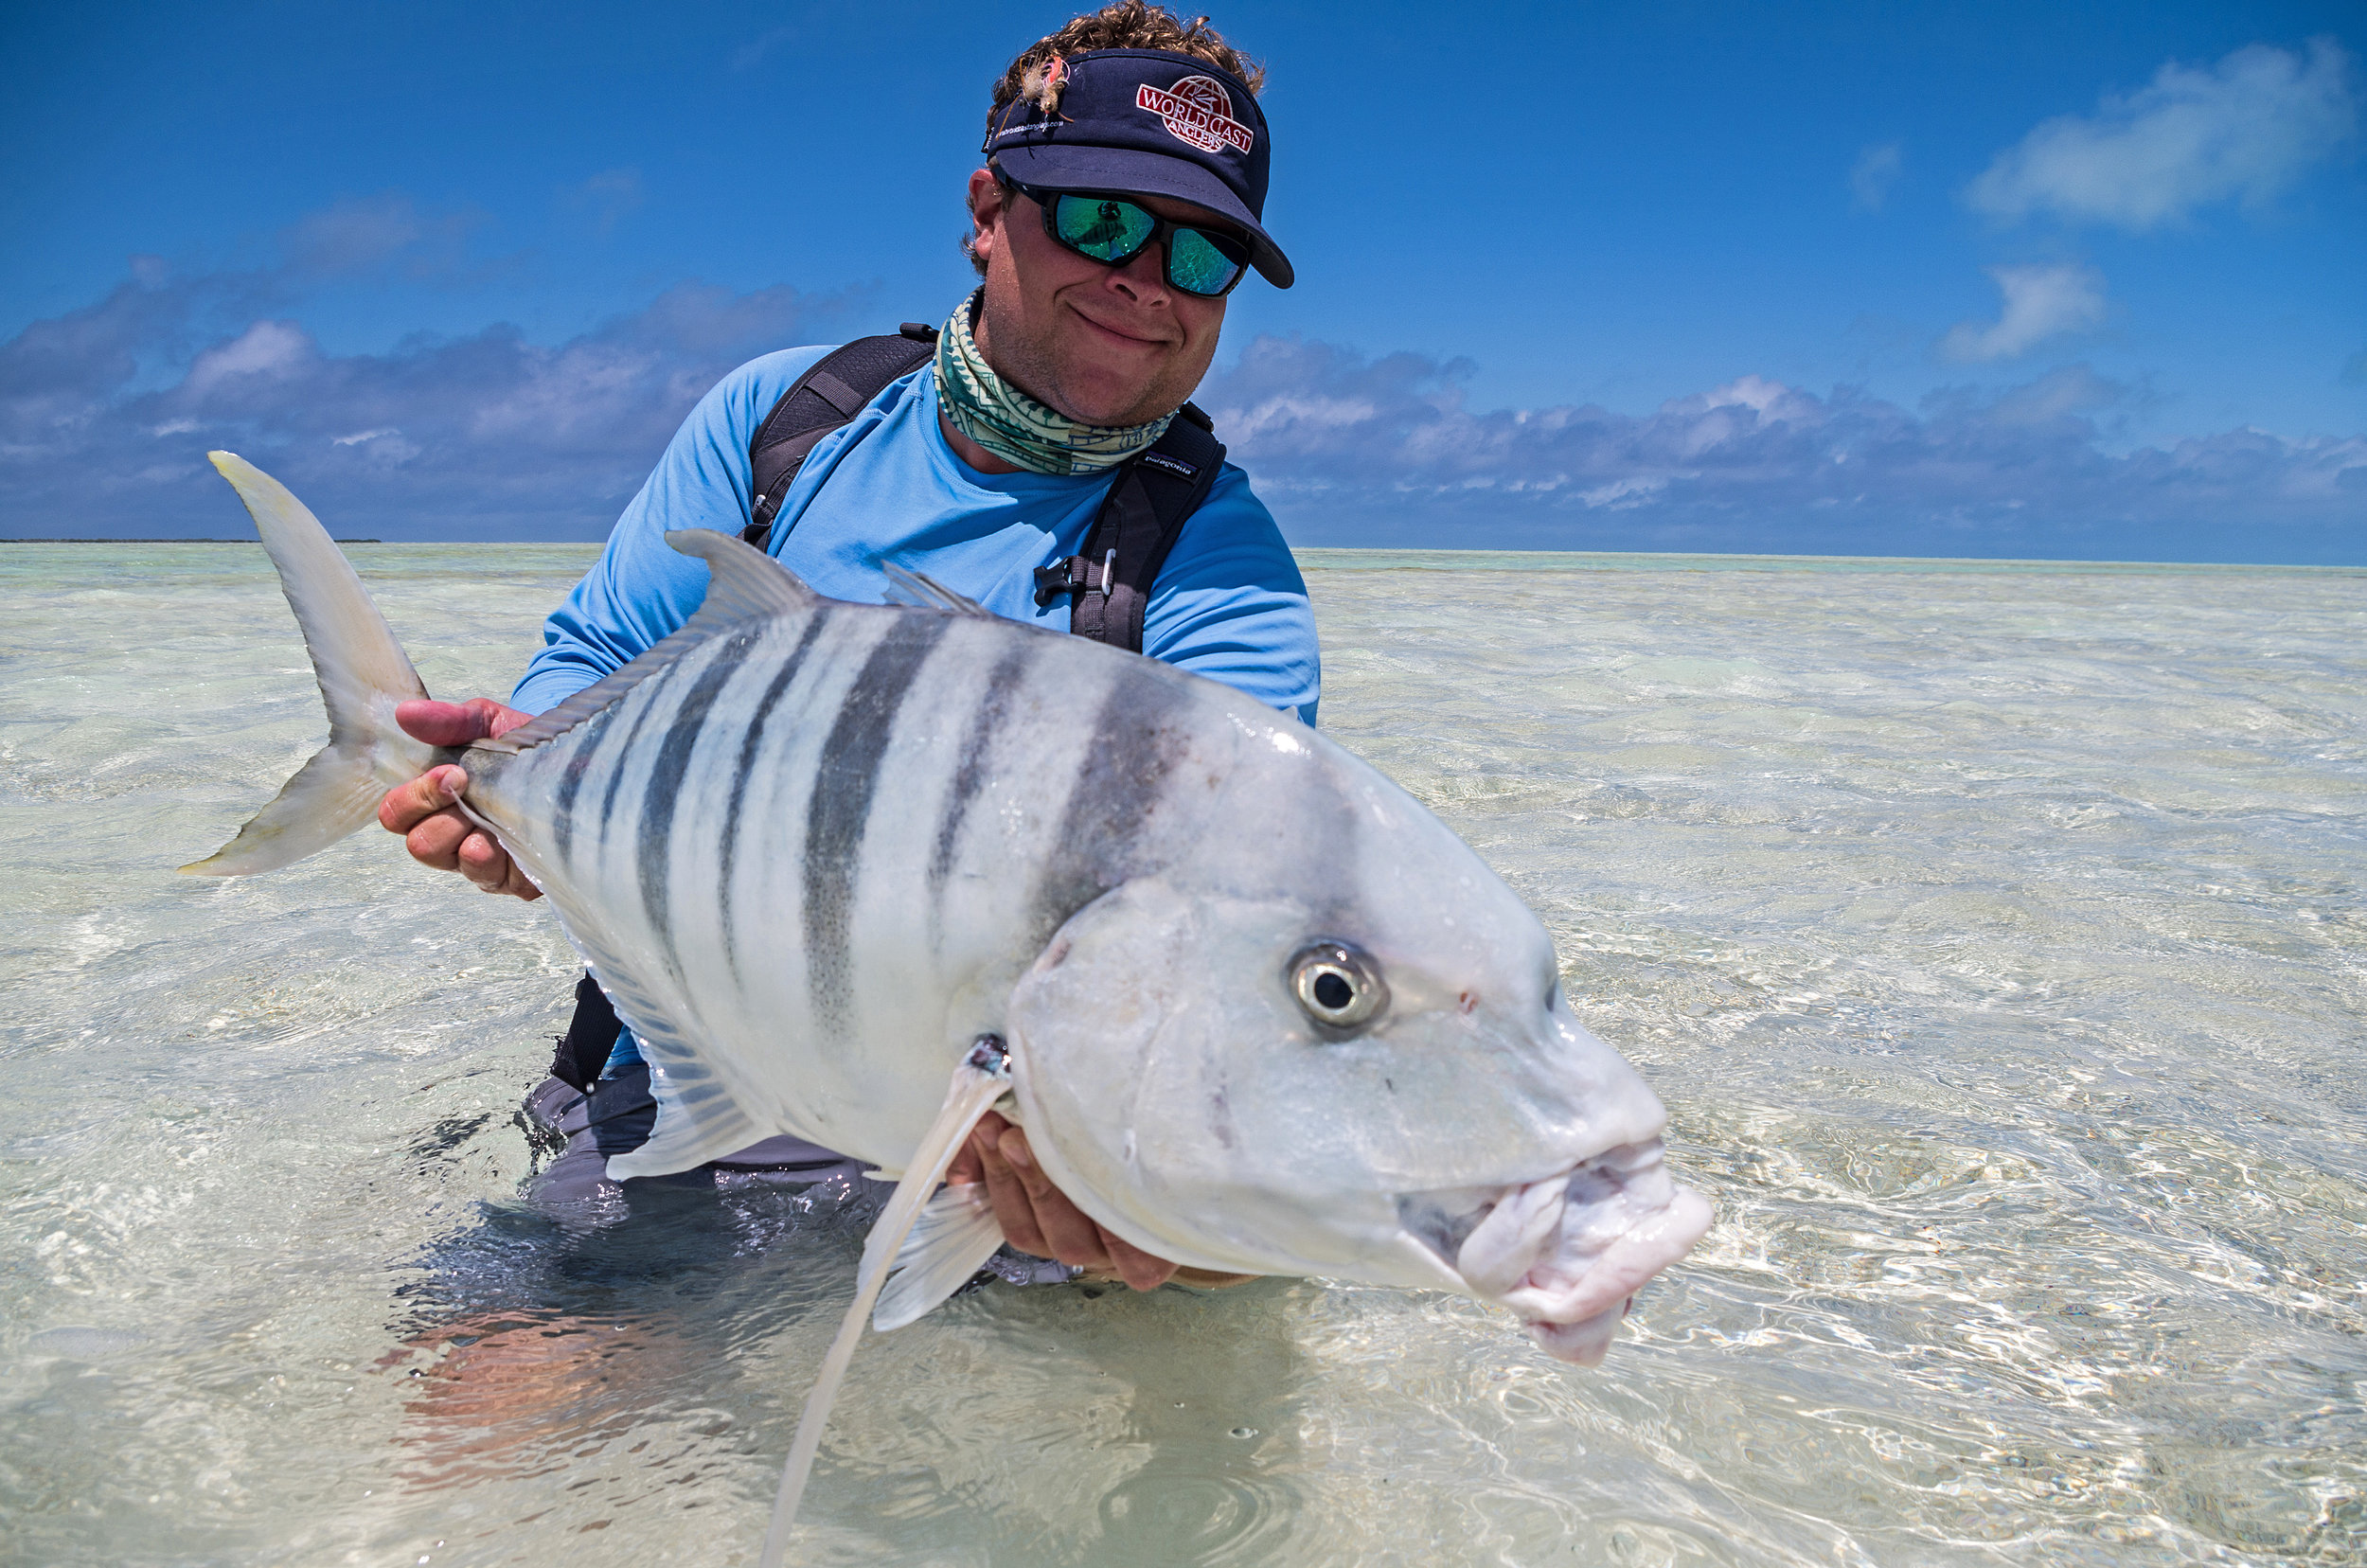 stb-fishing-10.jpg